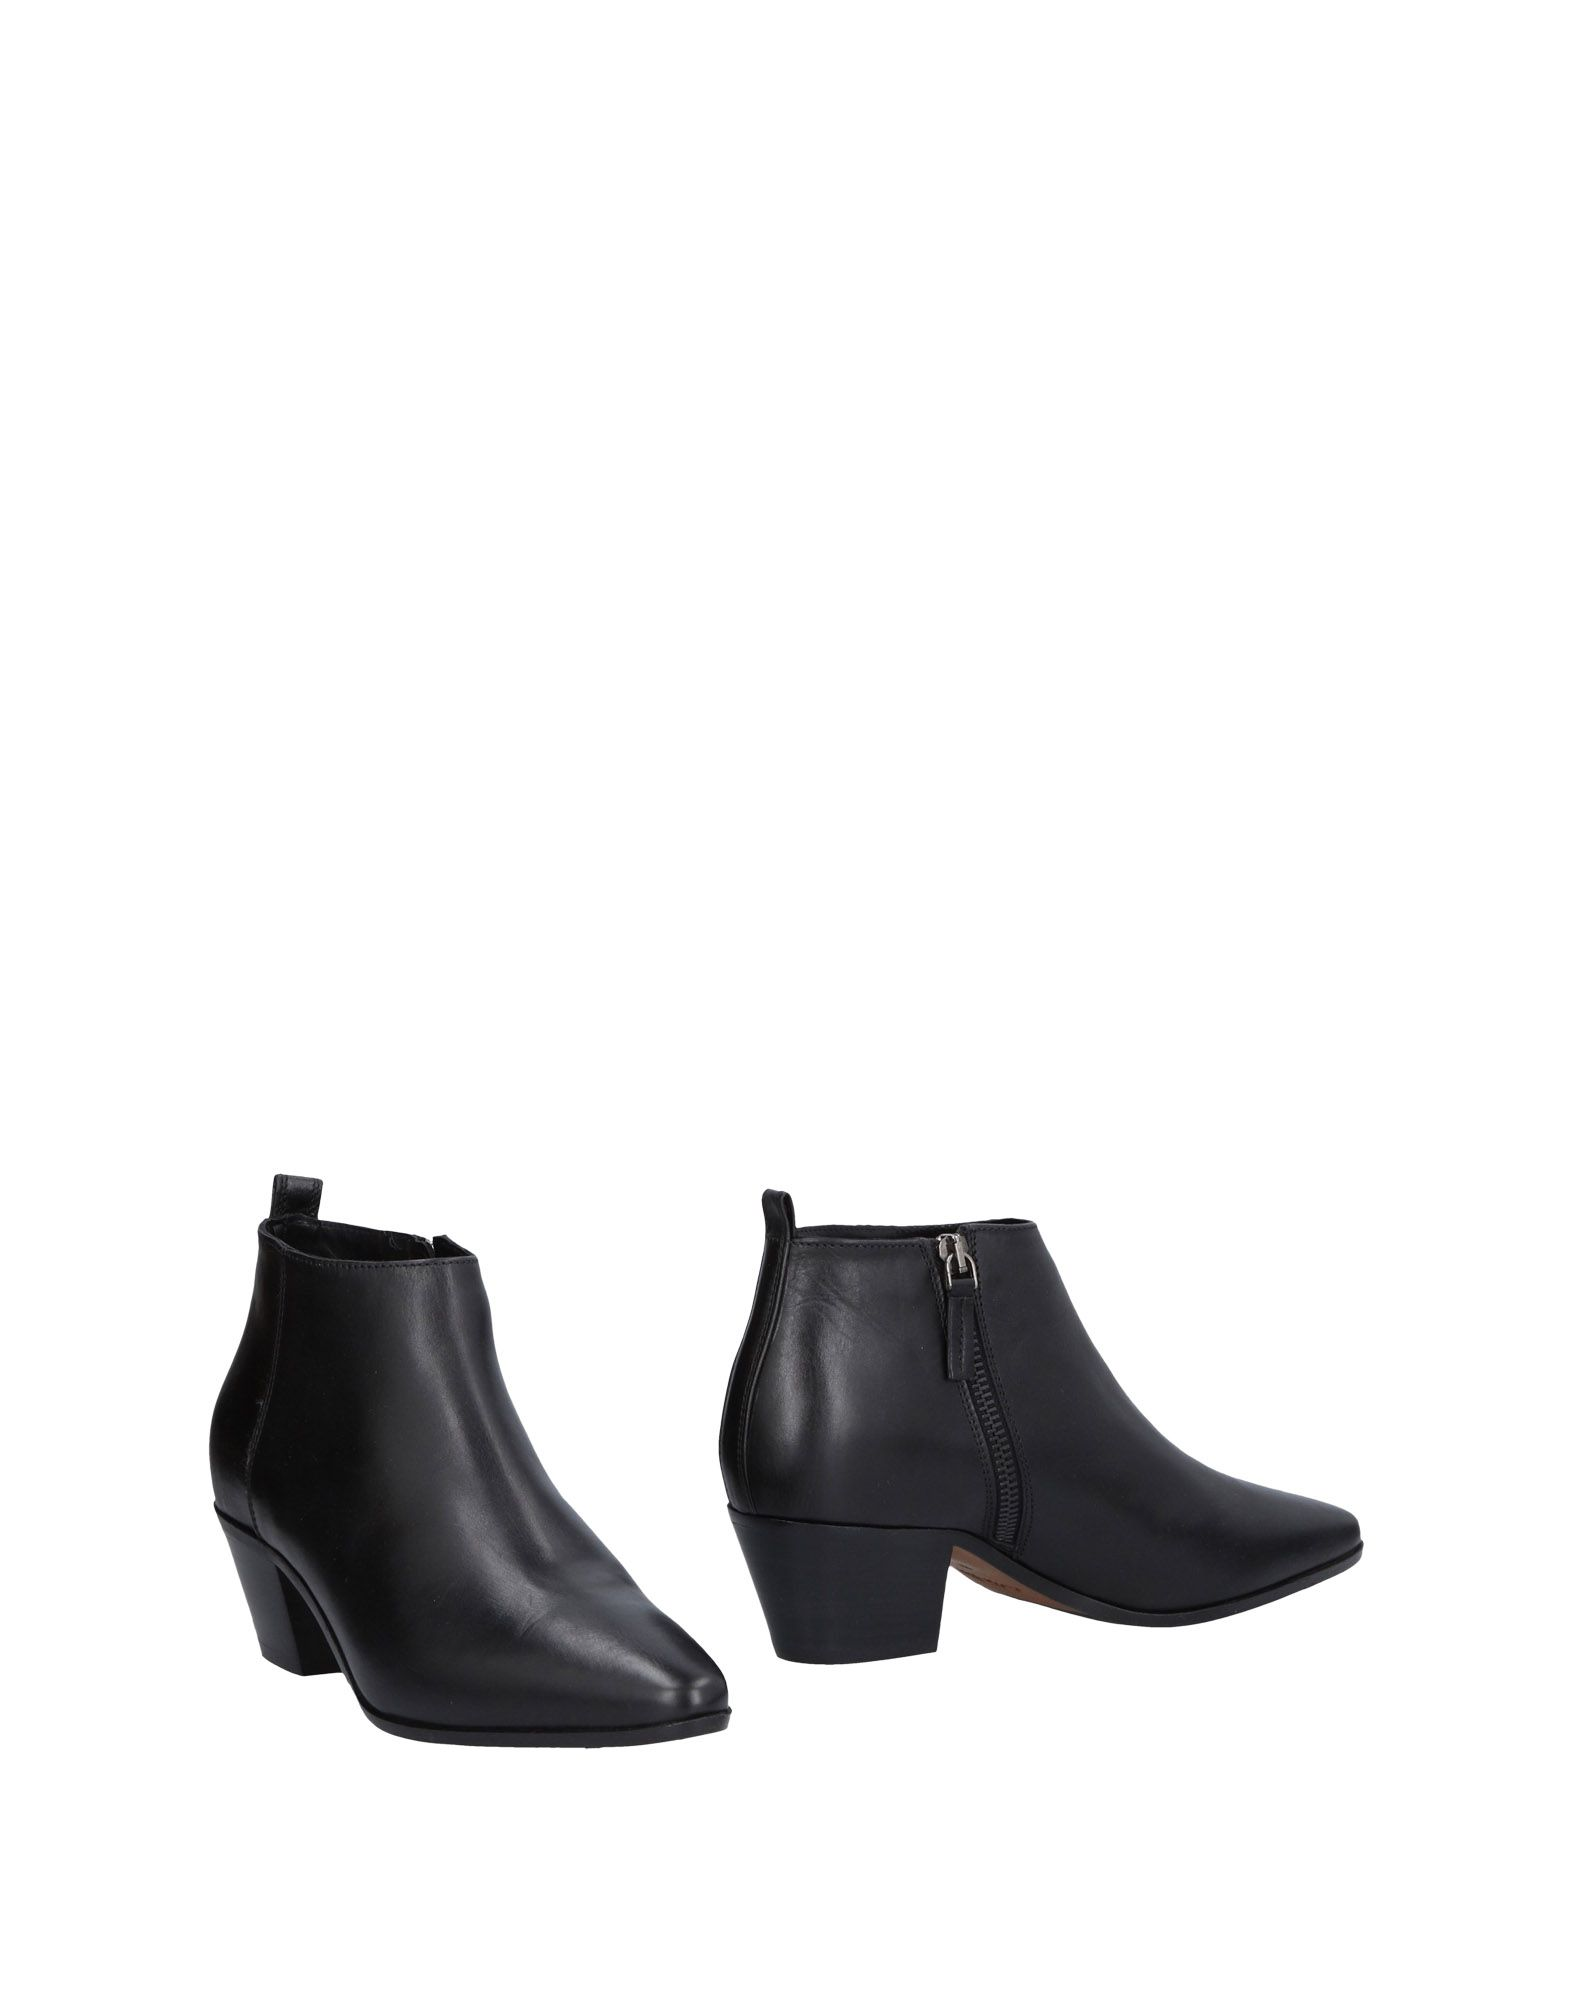 Stilvolle billige Schuhe Damen J|D Julie Dee Stiefelette Damen Schuhe  11470031AL 57bf51